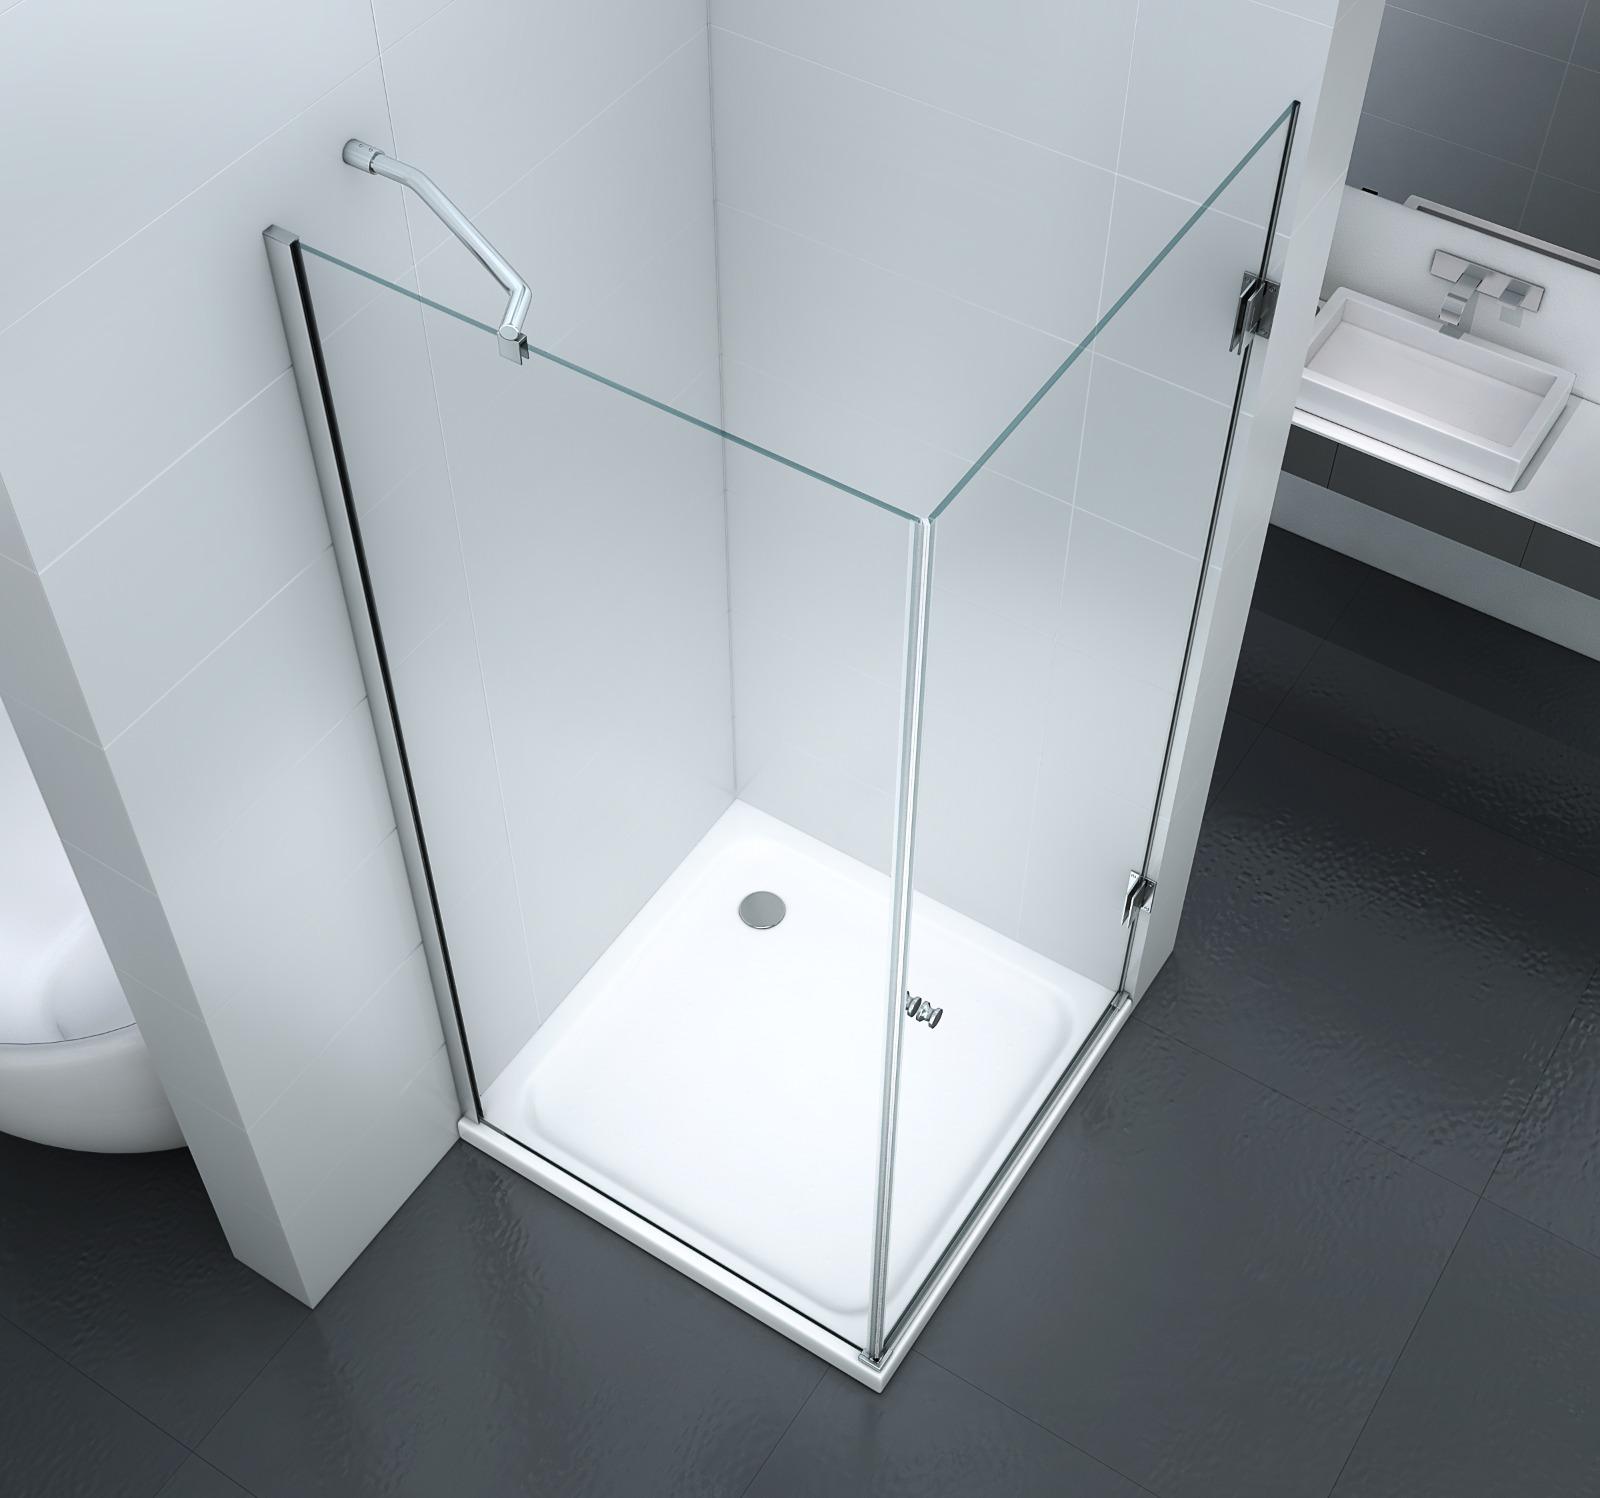 Kabina prysznicowa uchylna kwadratowa MS302 SWISS